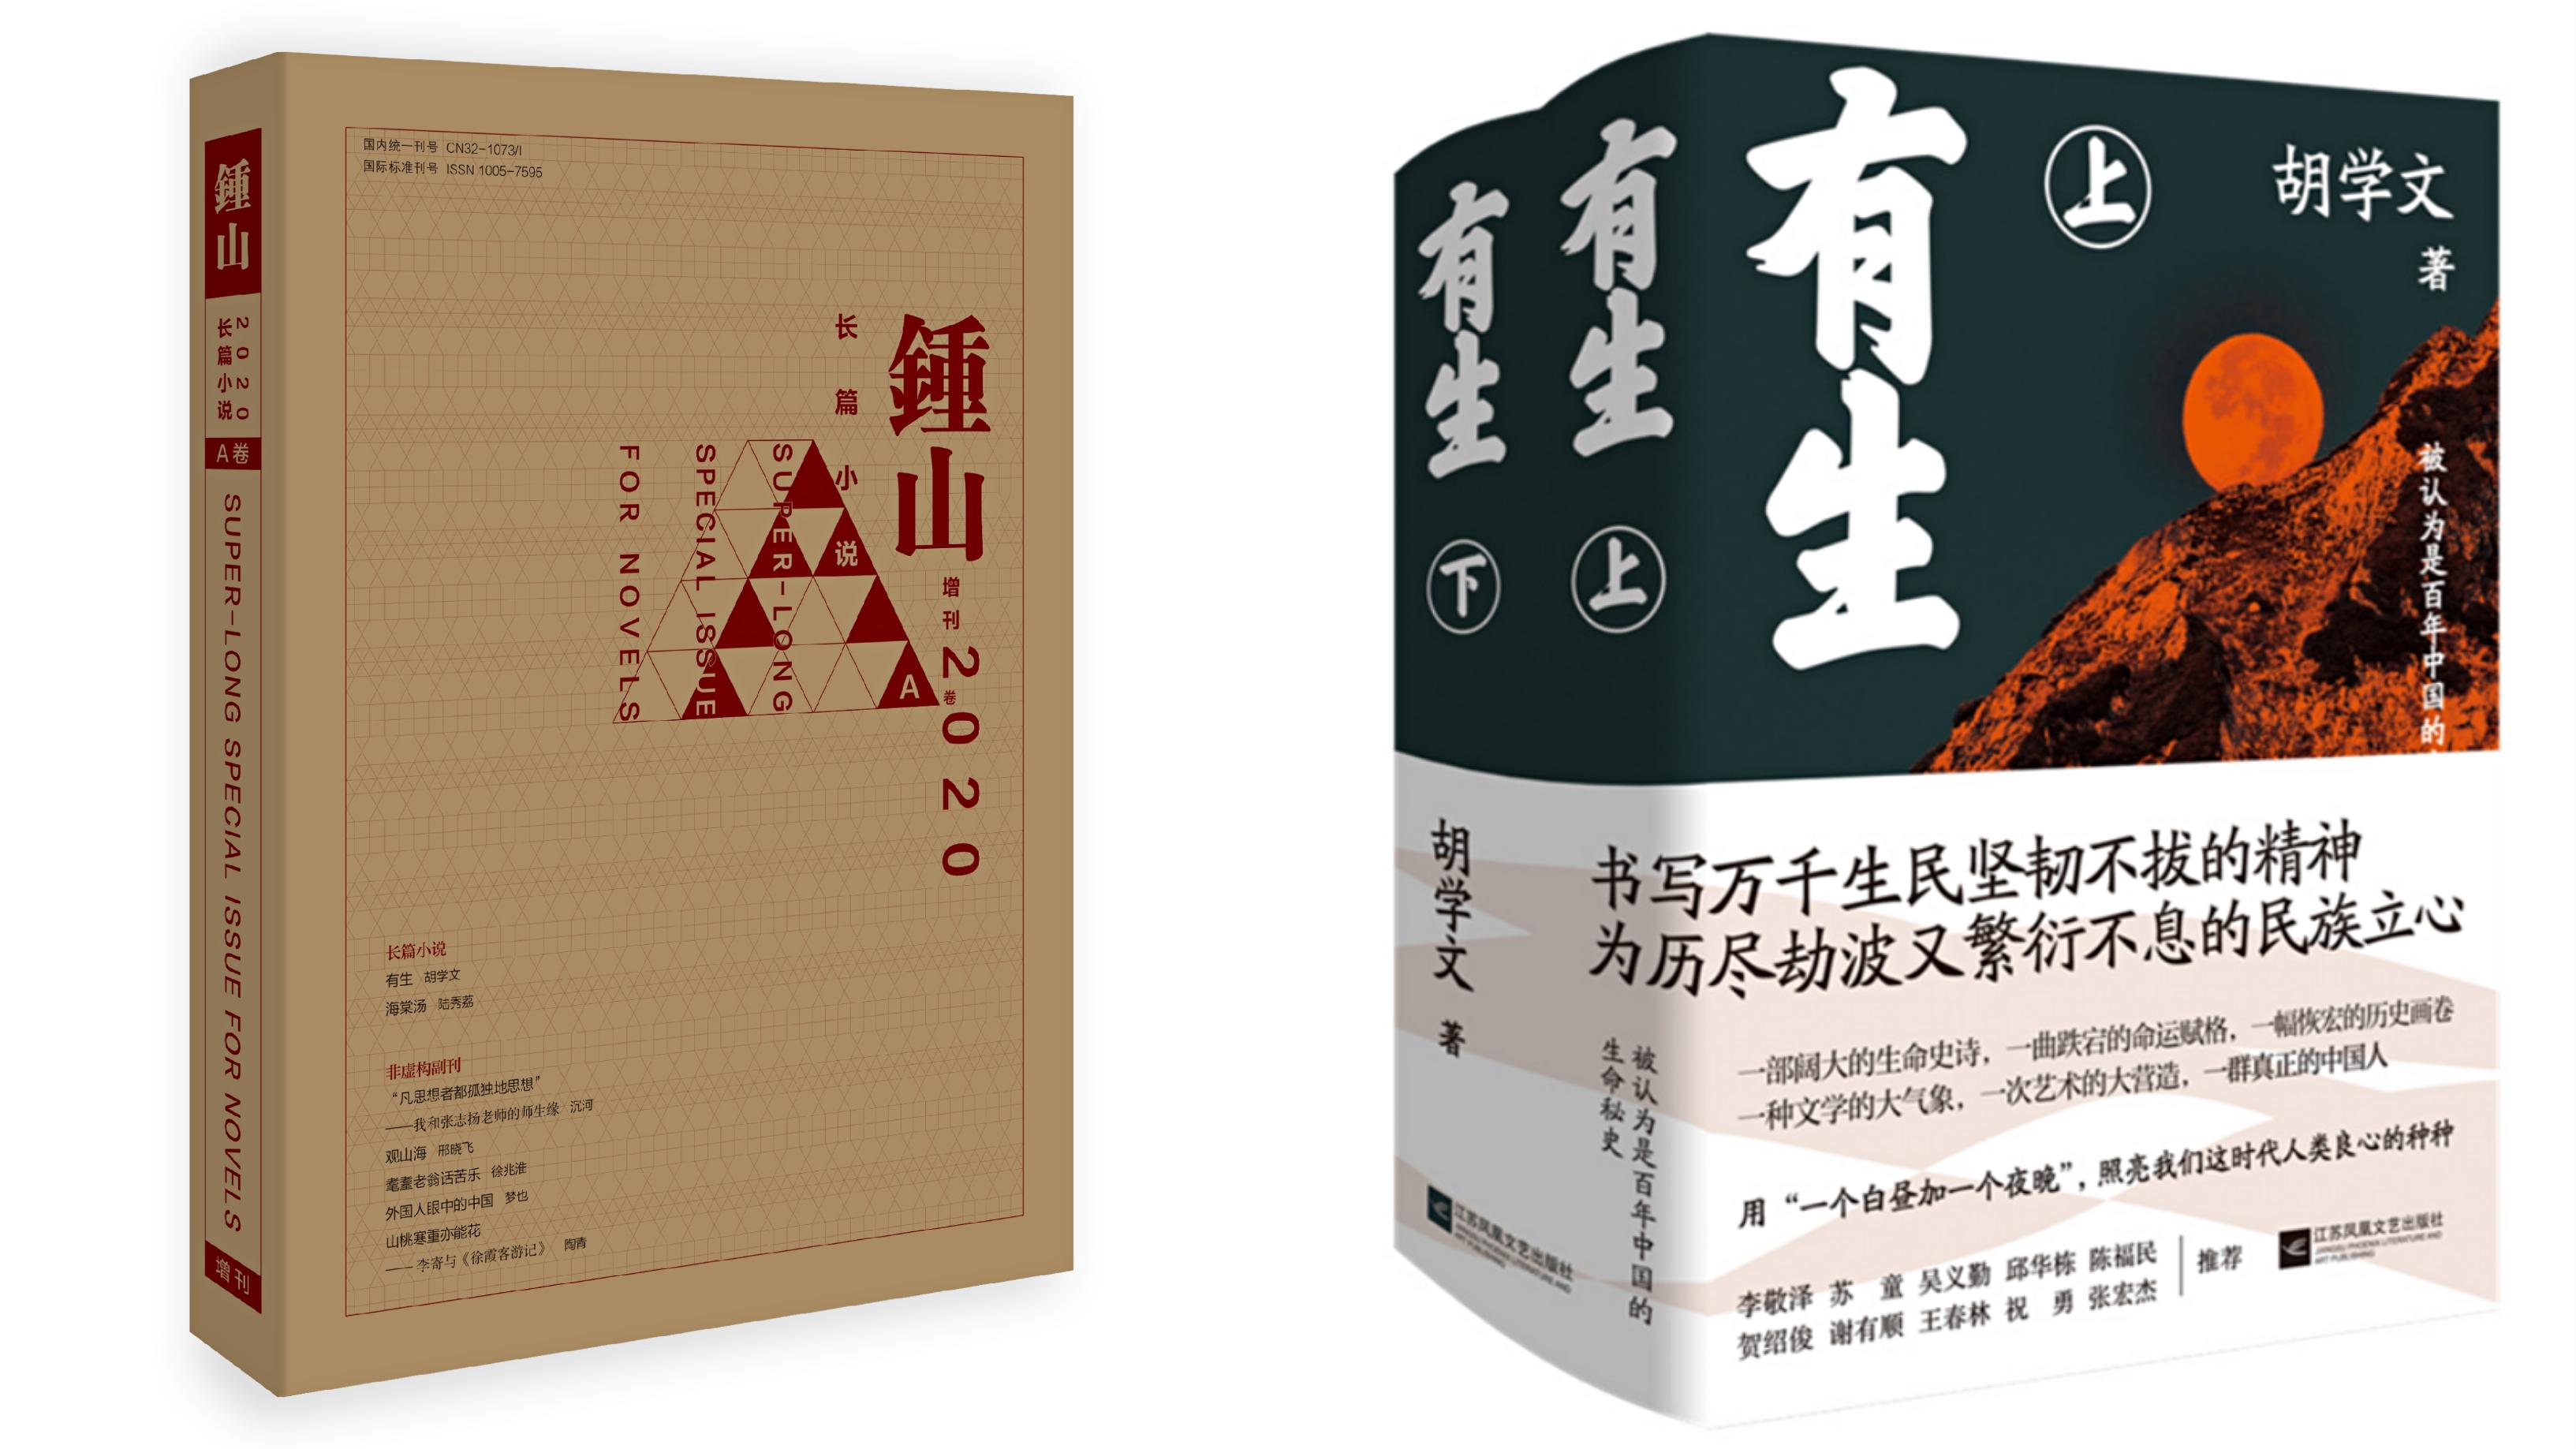 《有生》首发于钟山长篇小说2020年A卷,单行本由江苏凤凰文艺出版社新近出版